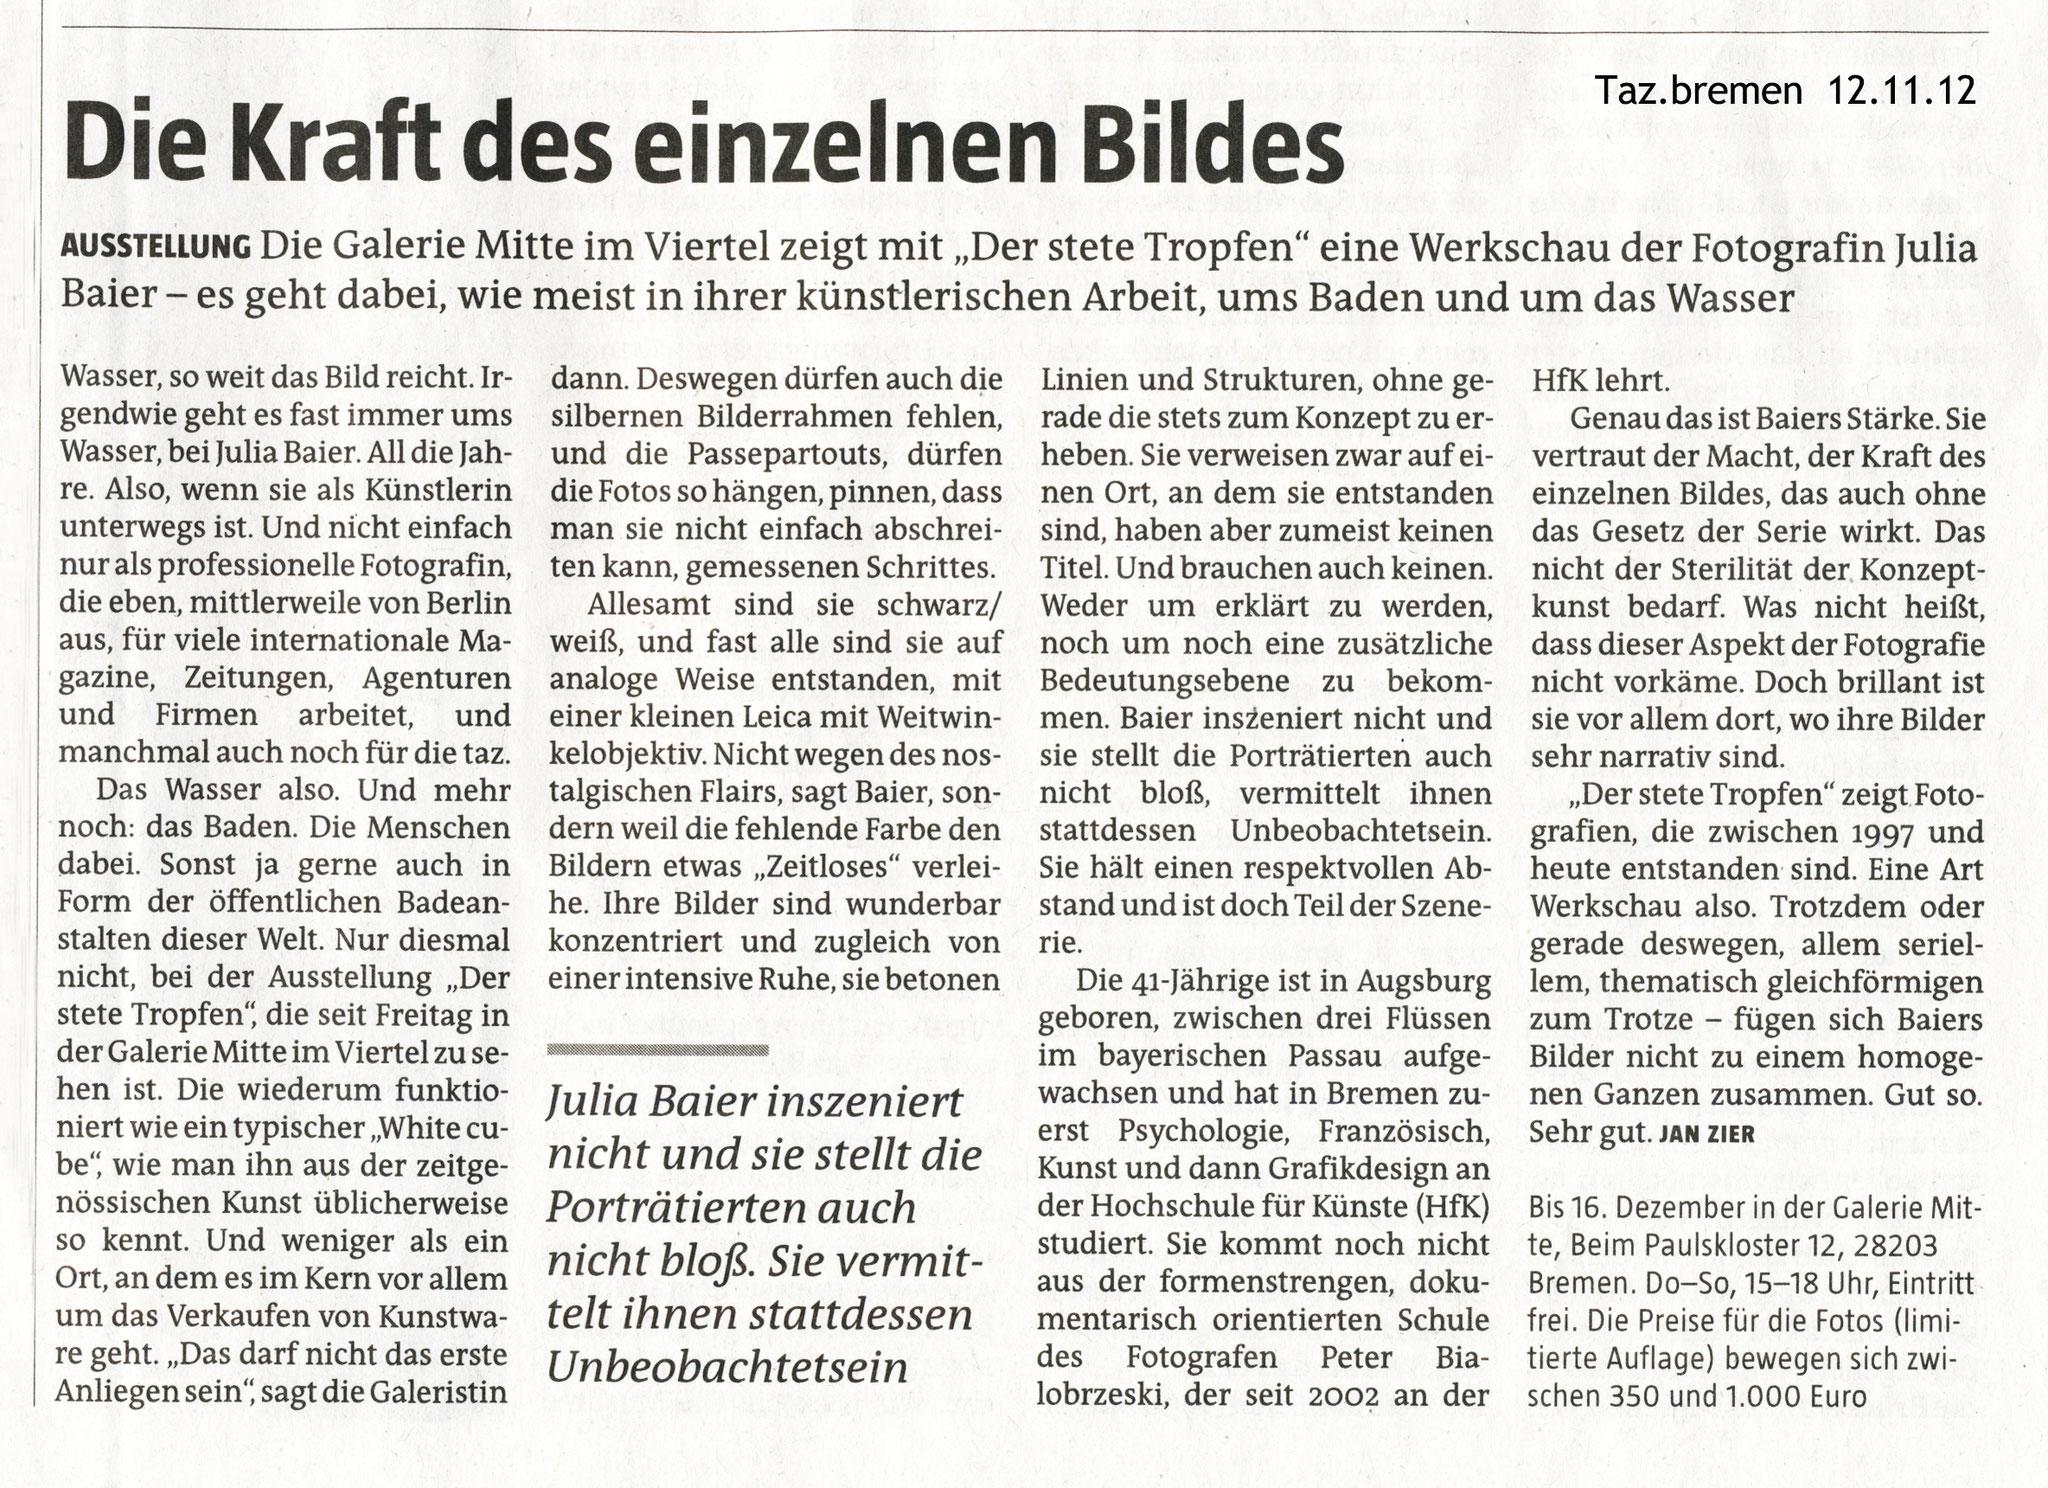 Taz, Jan Zier, 12.11.12